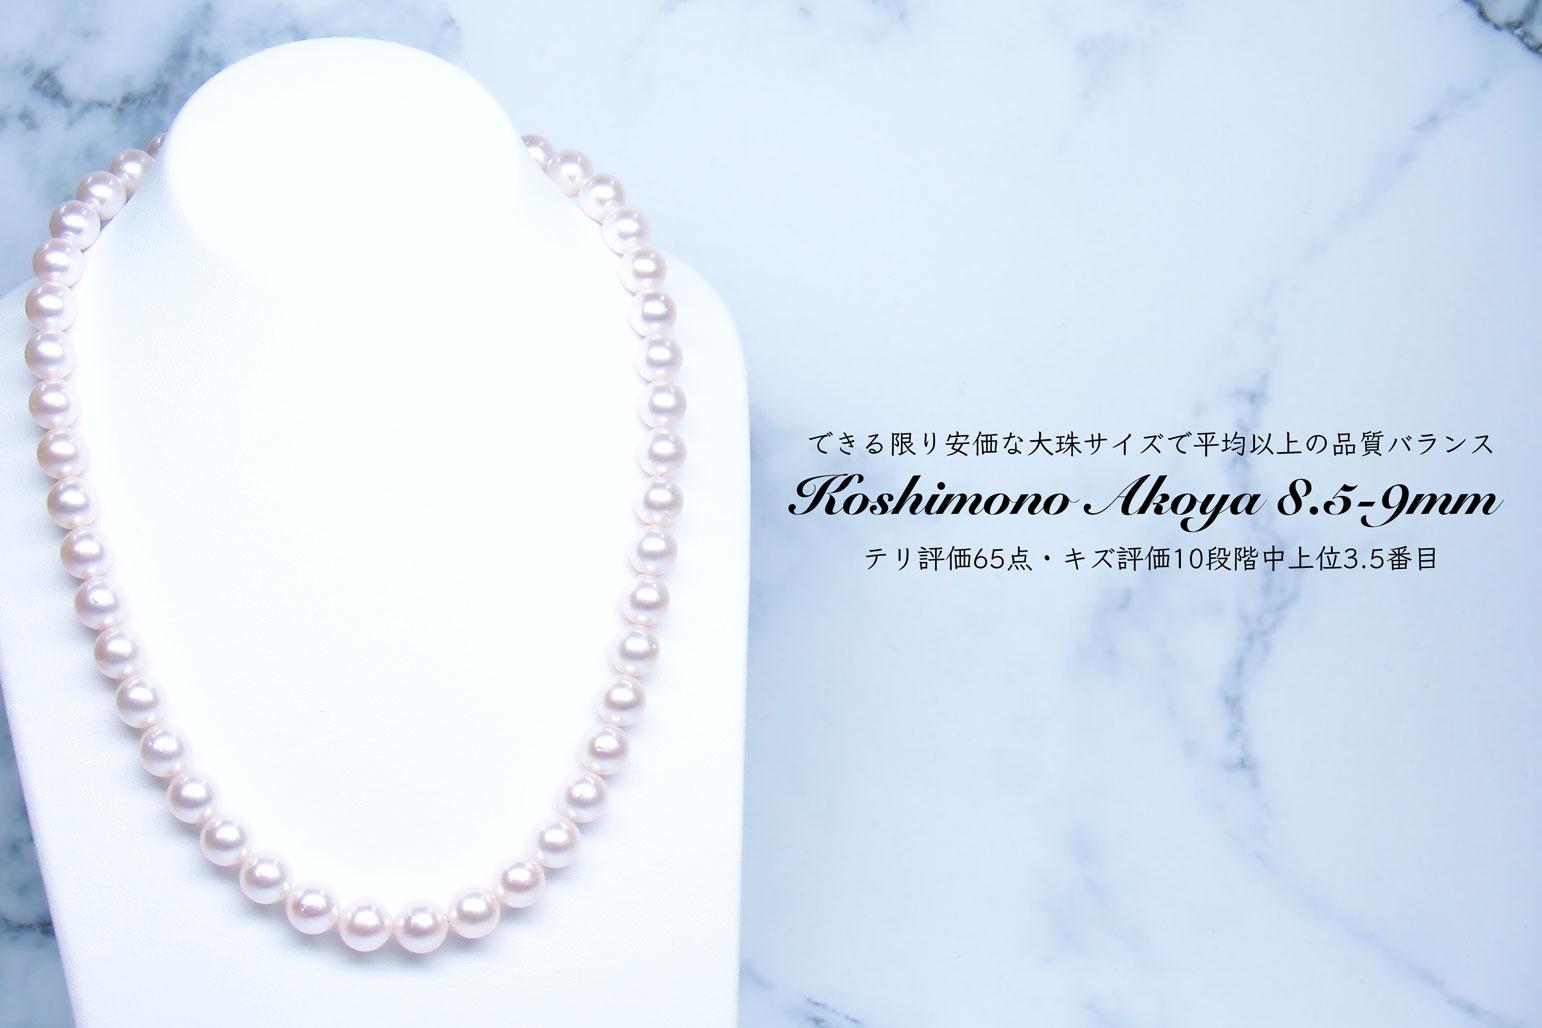 《真珠大卸からの直販》■平均的なアコヤ真珠よりも遥かに上質なテリ評価65点■越物アコヤ本真珠ネックレス[ホワイト系ピンクグリーン] 8.5-9.0mm【送料無料】